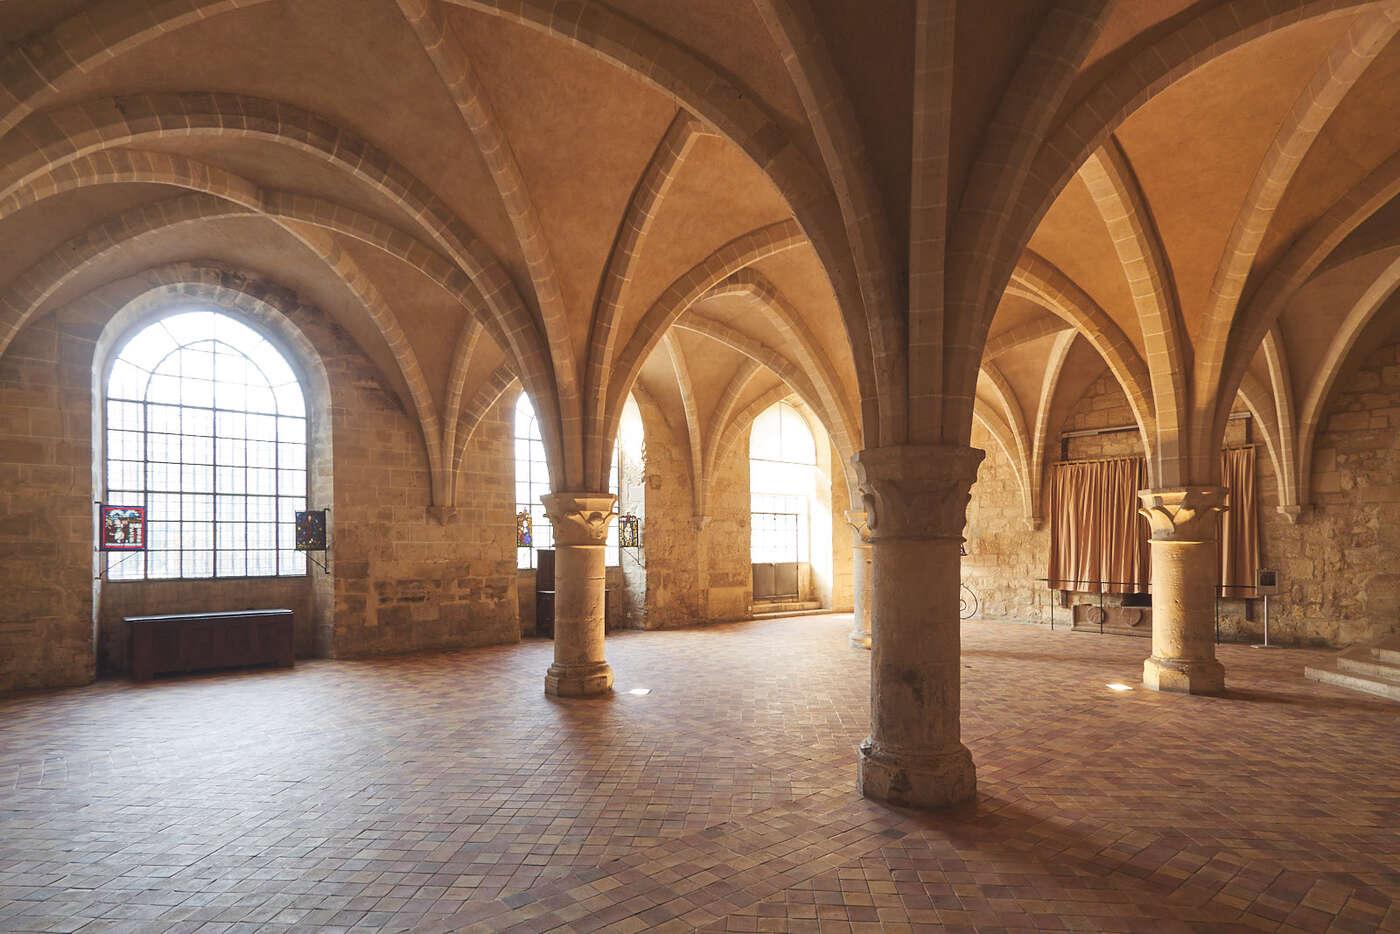 La cuisine des moines, abbaye de Royaumont